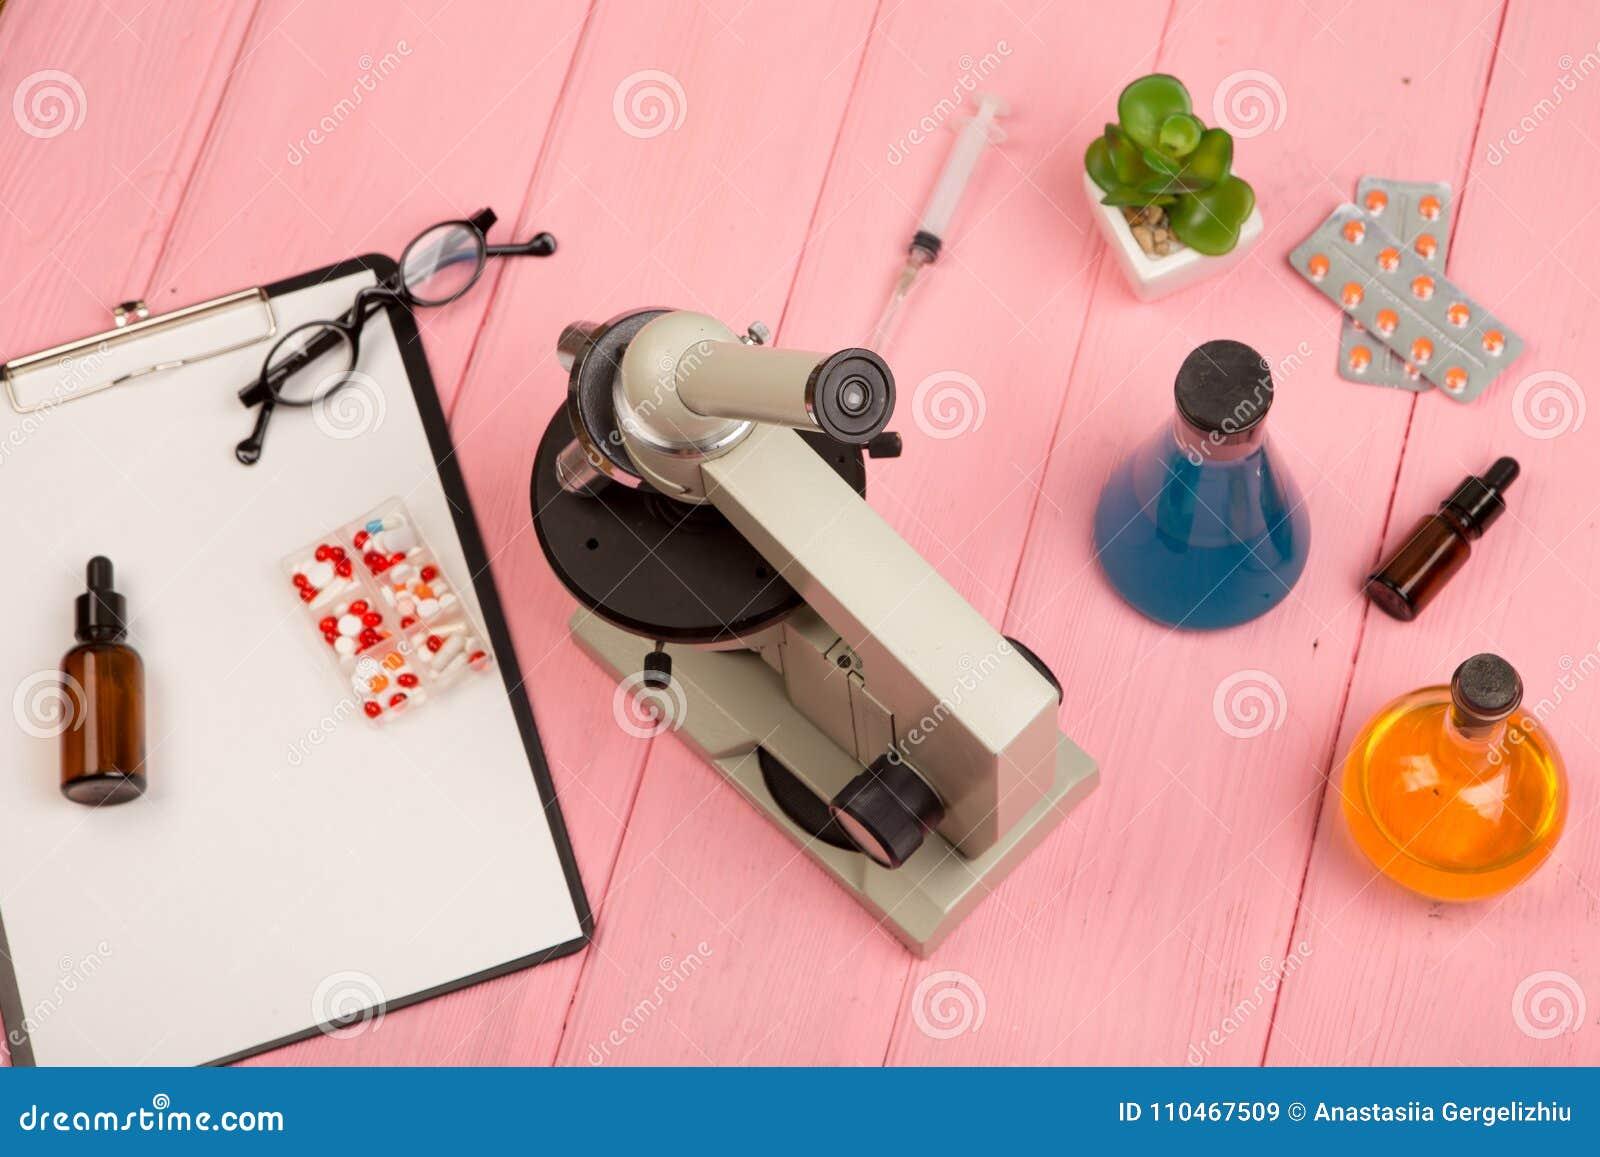 Arbetsplatsforskaredoktor - mikroskop, preventivpillerar, injektionsspruta, glasögon, kemiska flaskor med flytande, skrivplatta p